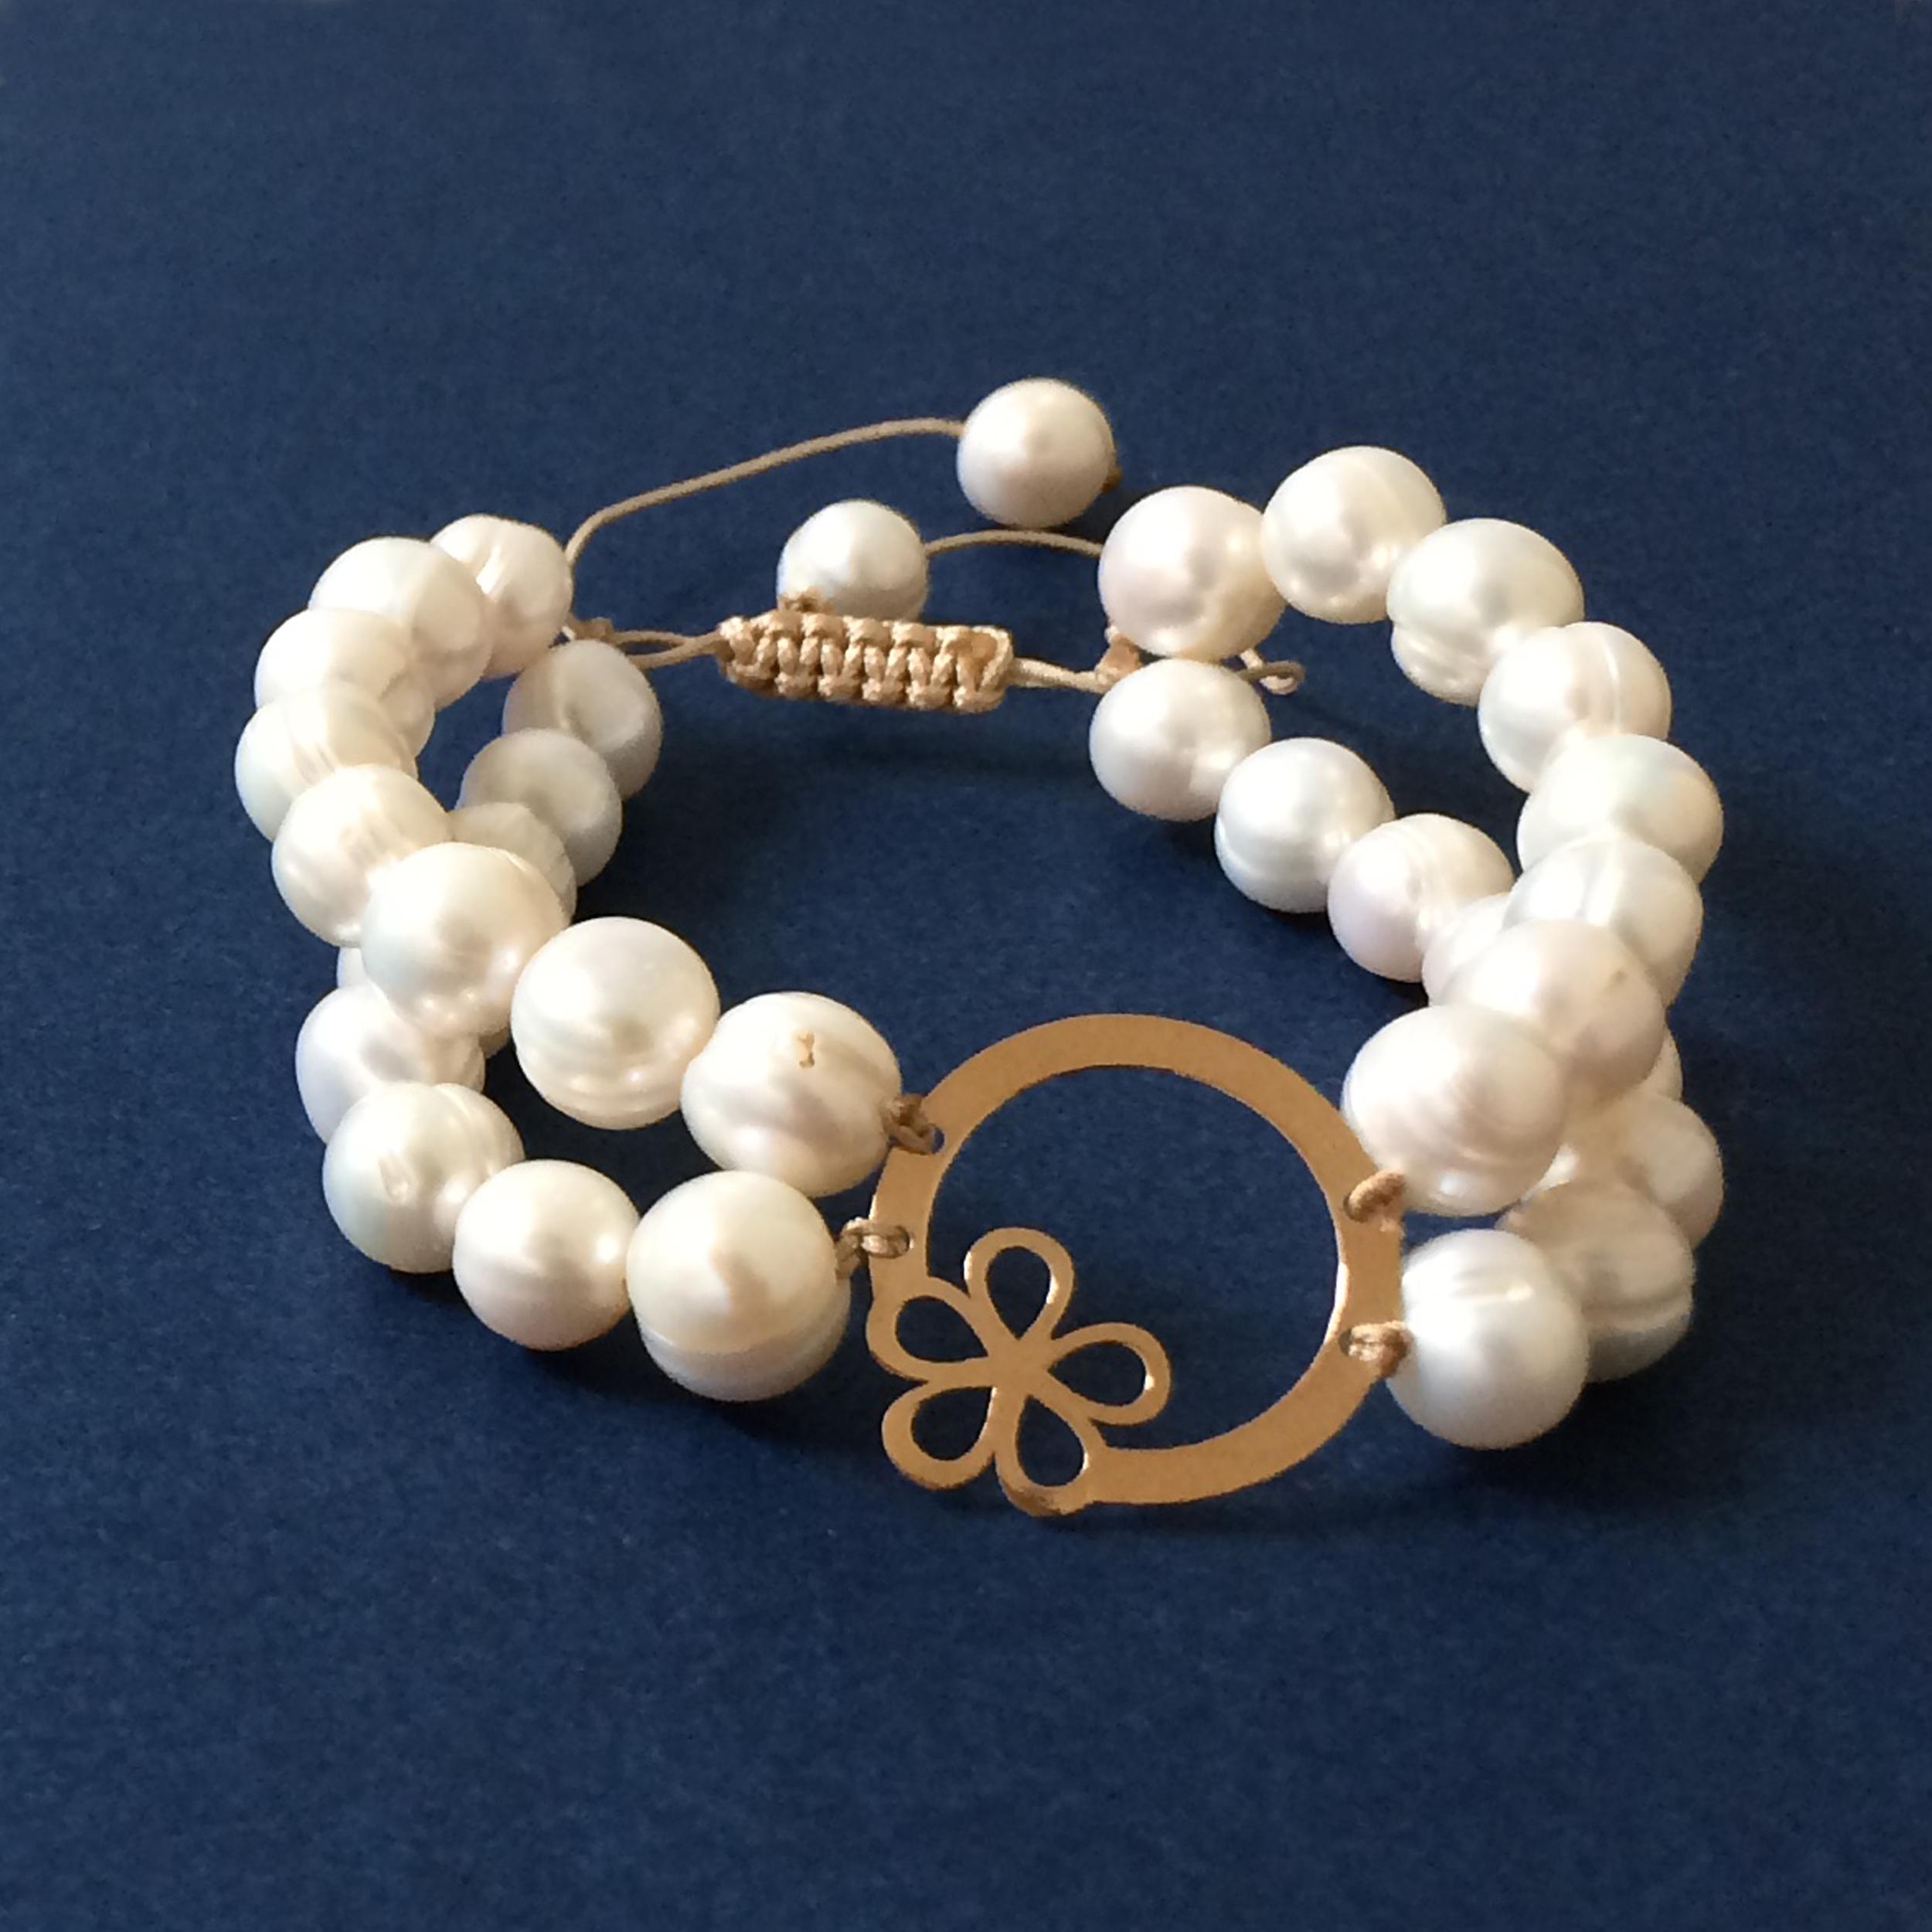 دستبند طلا 18 عیار زنانه الماسین آذر مدل TANAZ01